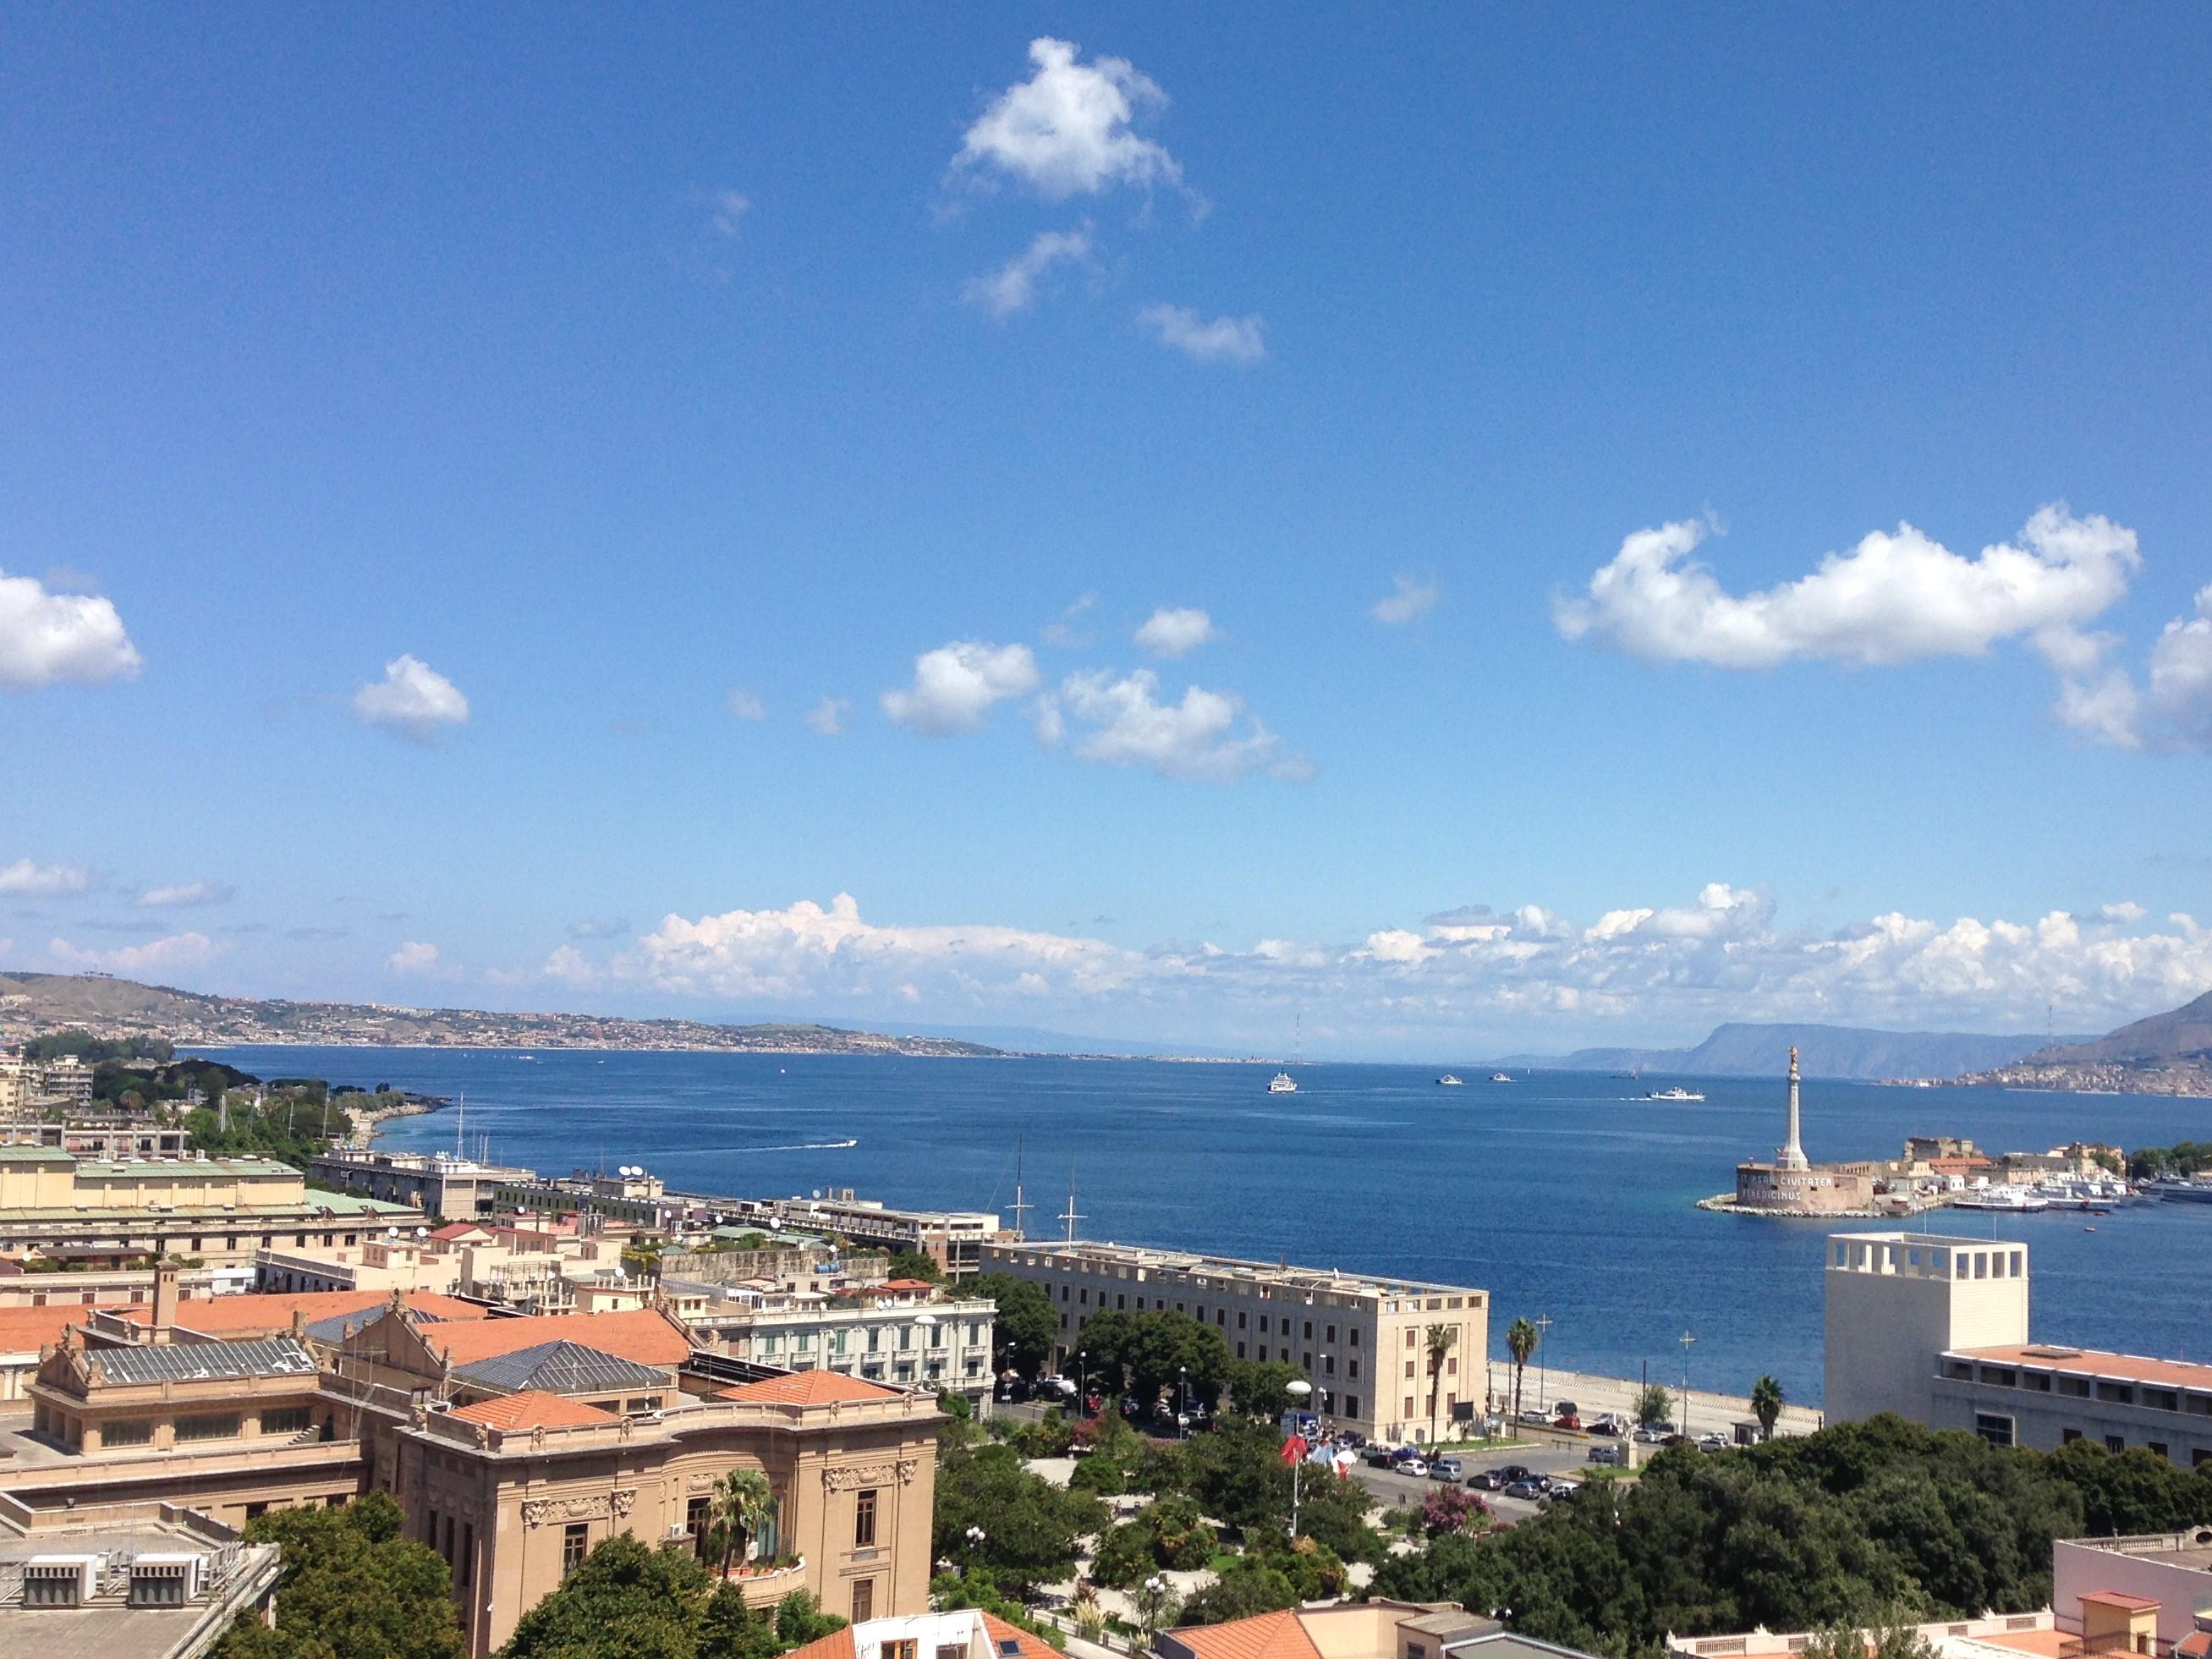 Lo Stretto di Messina e i traghetti